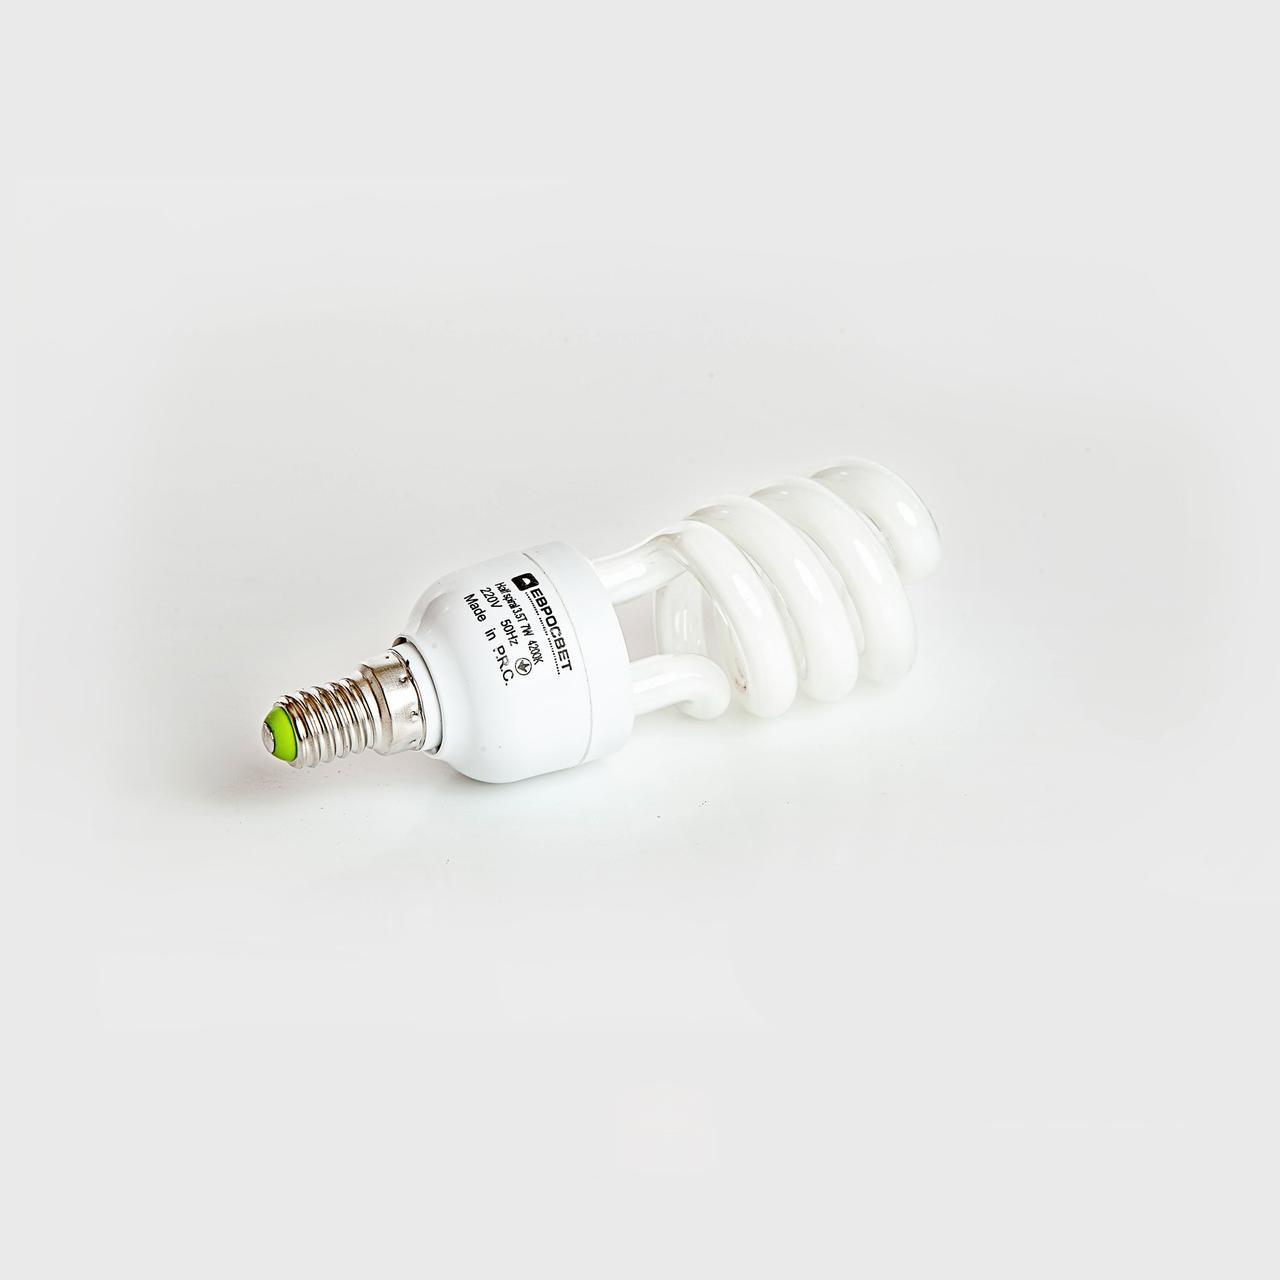 Лампа энергосберегающая 7W E27 4200K FS-7-4200-27